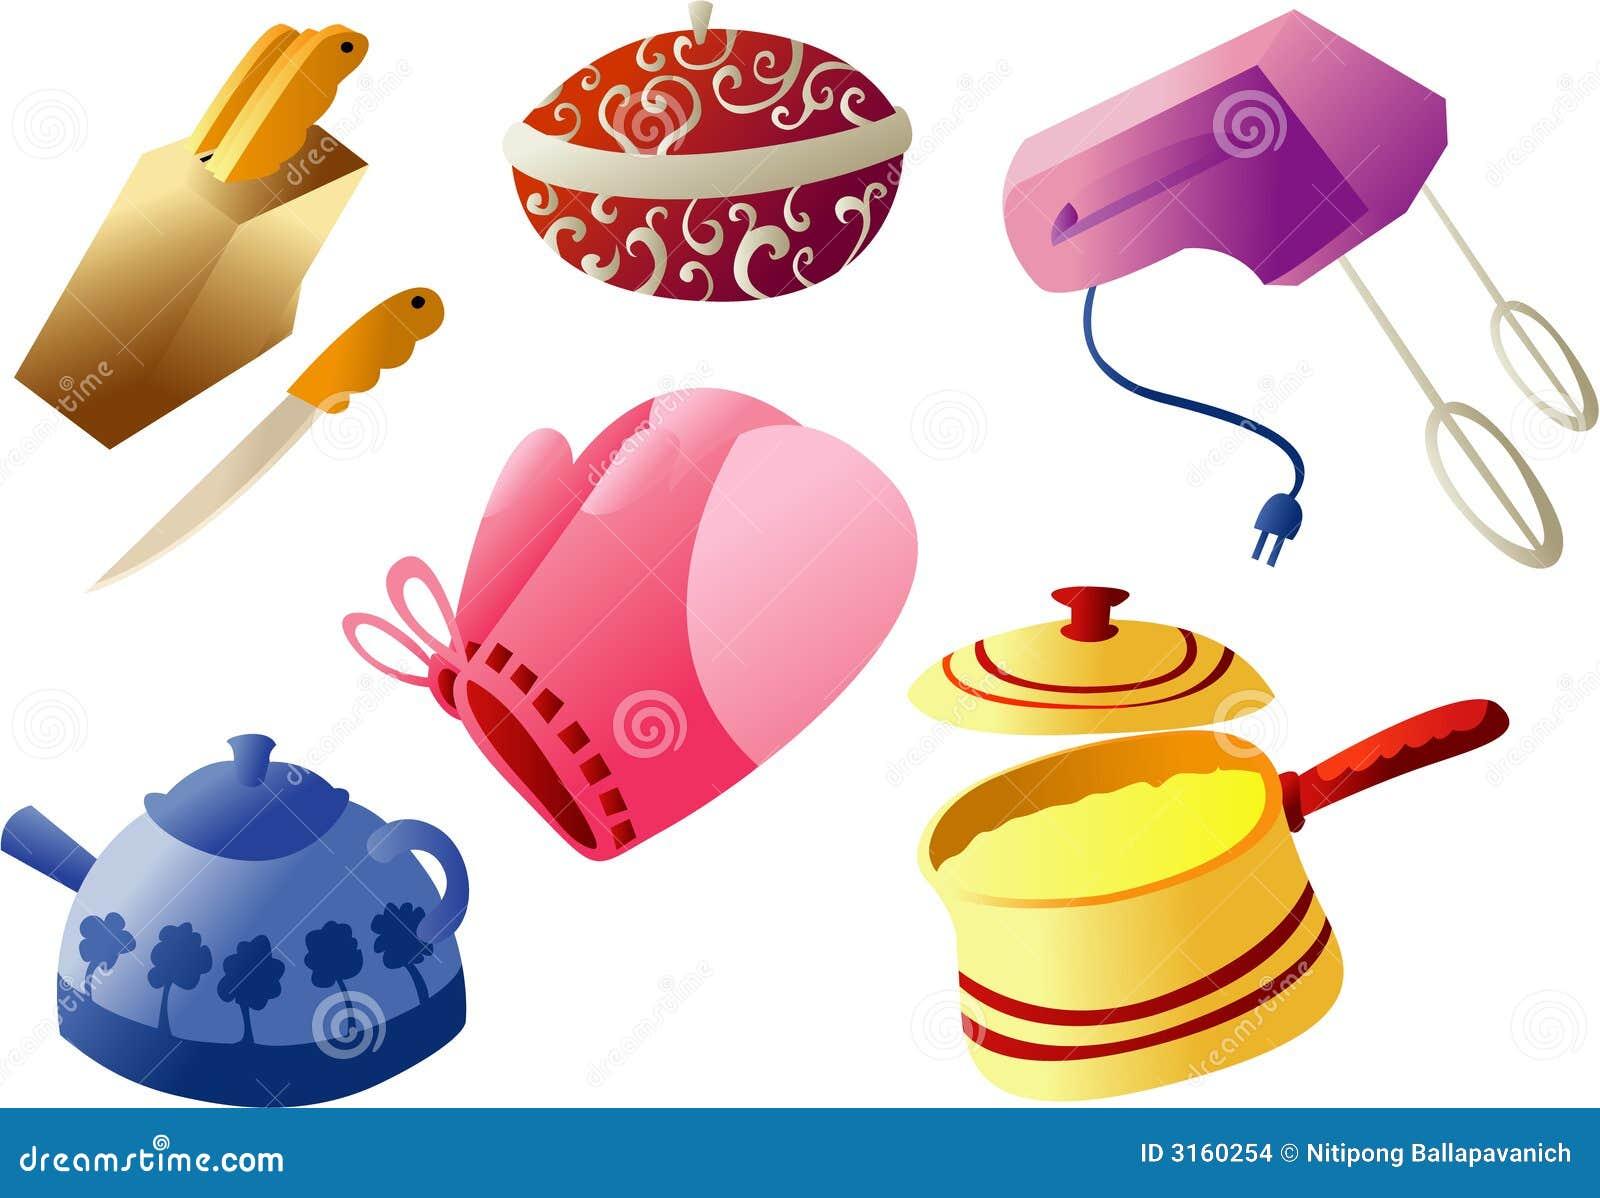 Utensilios de cocina cliparts ilustraci n del vector for Utensilios de cocina nombres e imagenes